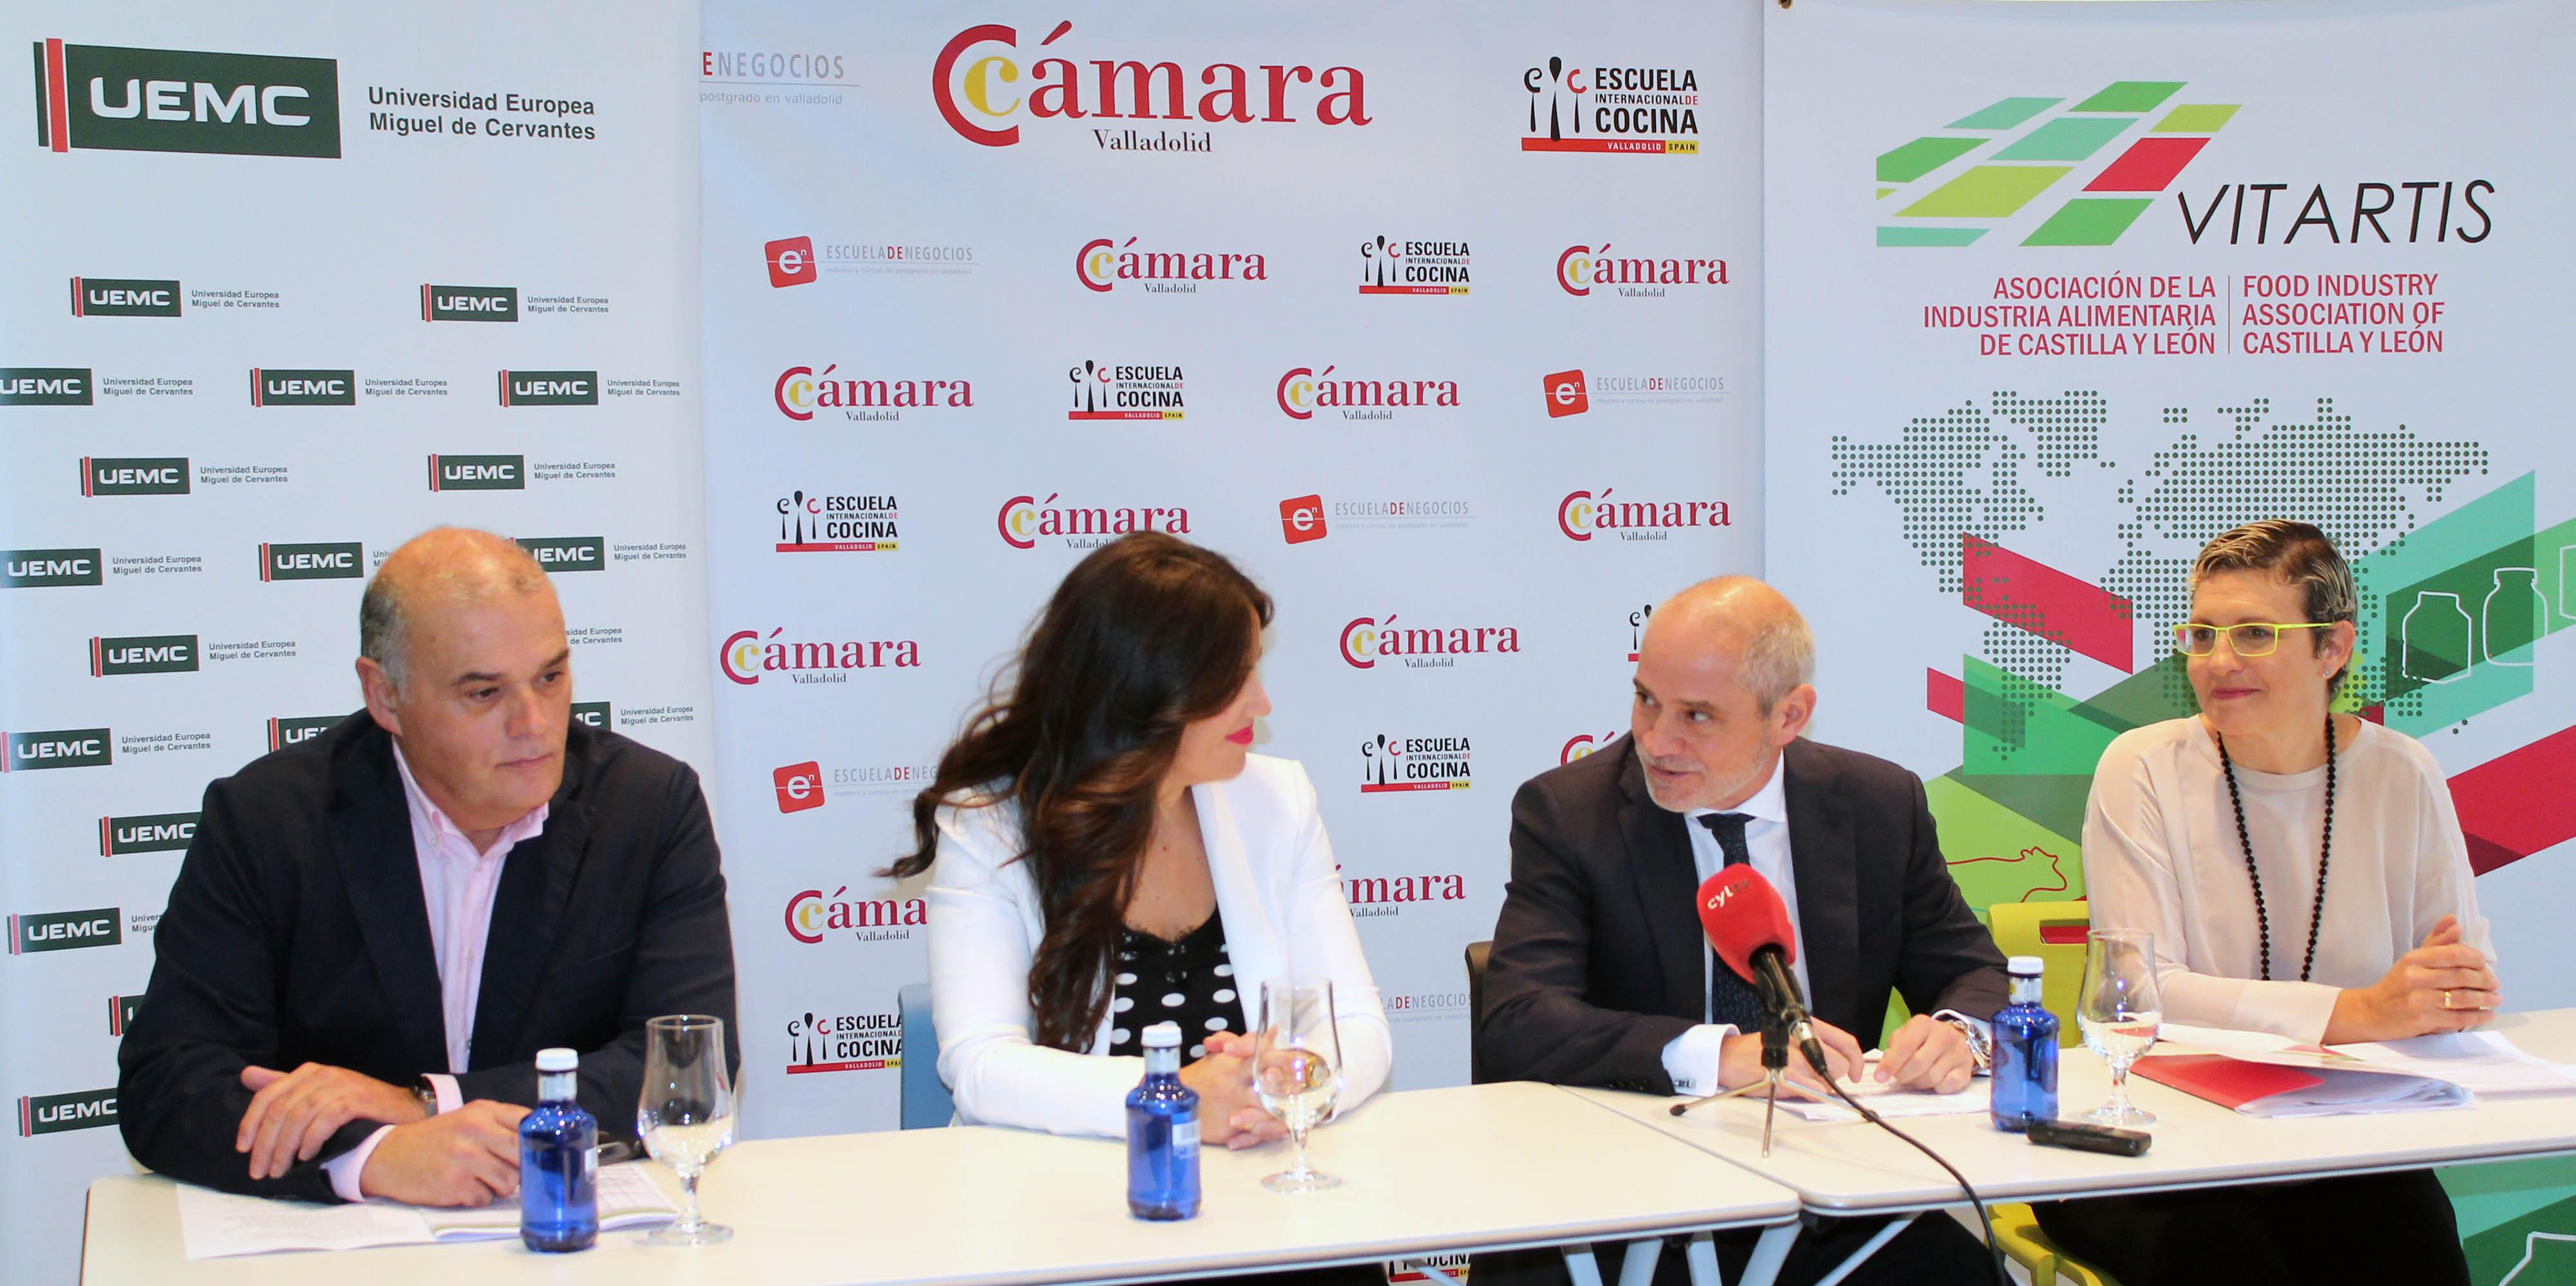 Escuela Cocina Valladolid   La Camara De Comercio De Valladolid Y La Uemc Ponen En Marcha Un